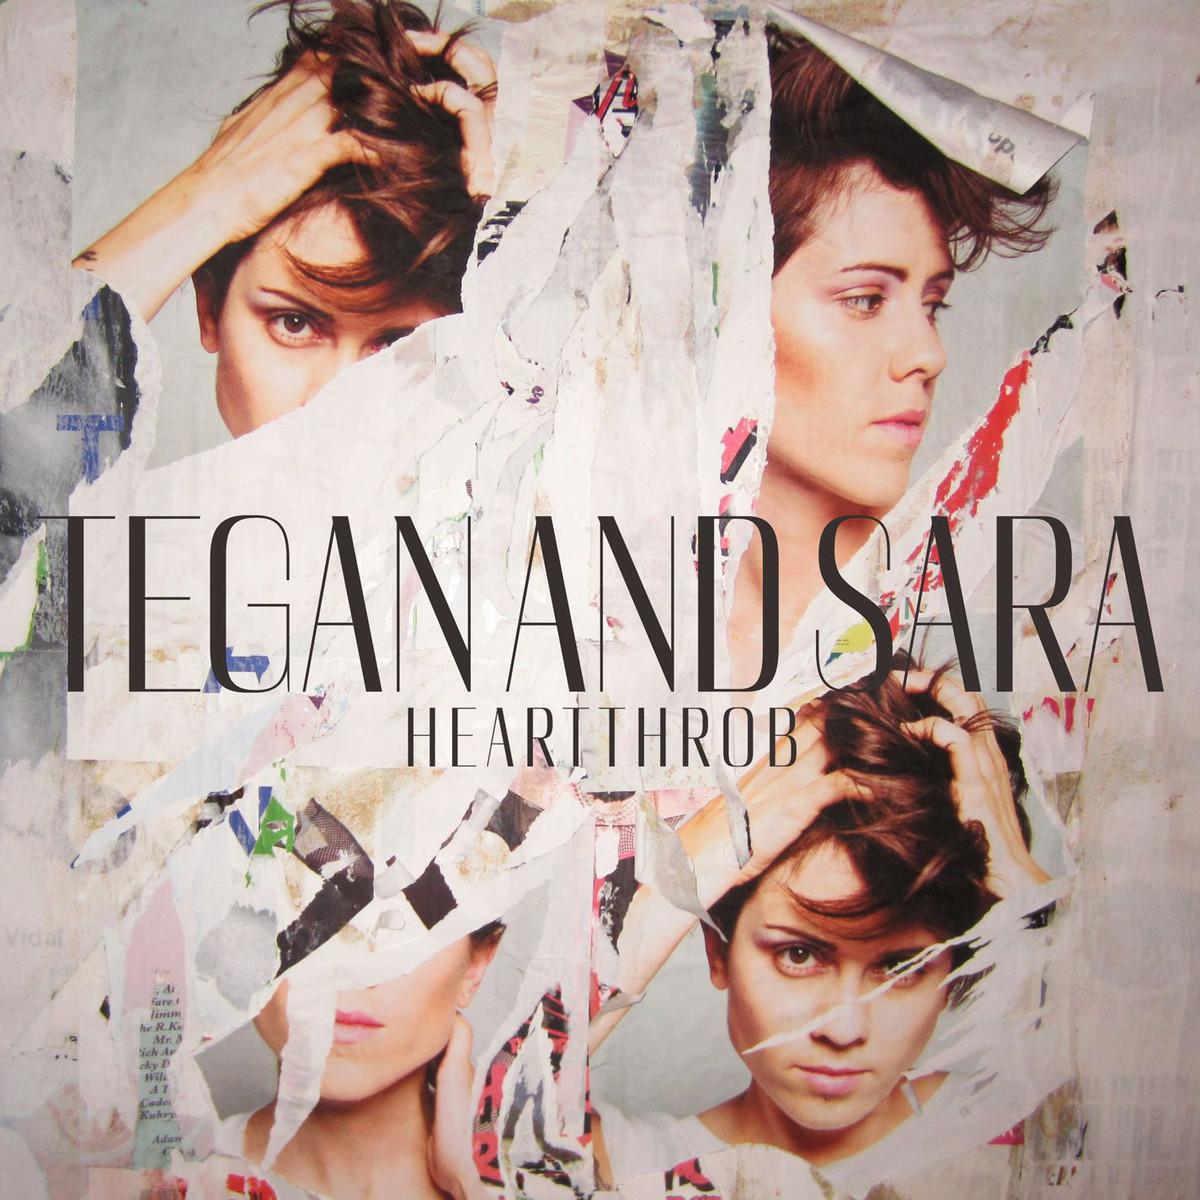 http://2.bp.blogspot.com/-OqFXYH5i0YY/UTRWgOdjb0I/AAAAAAAAPWw/bt-bpNKBBY4/s1600/Tegan-and-Sara-Heartthrob-2013-1200x1200.png